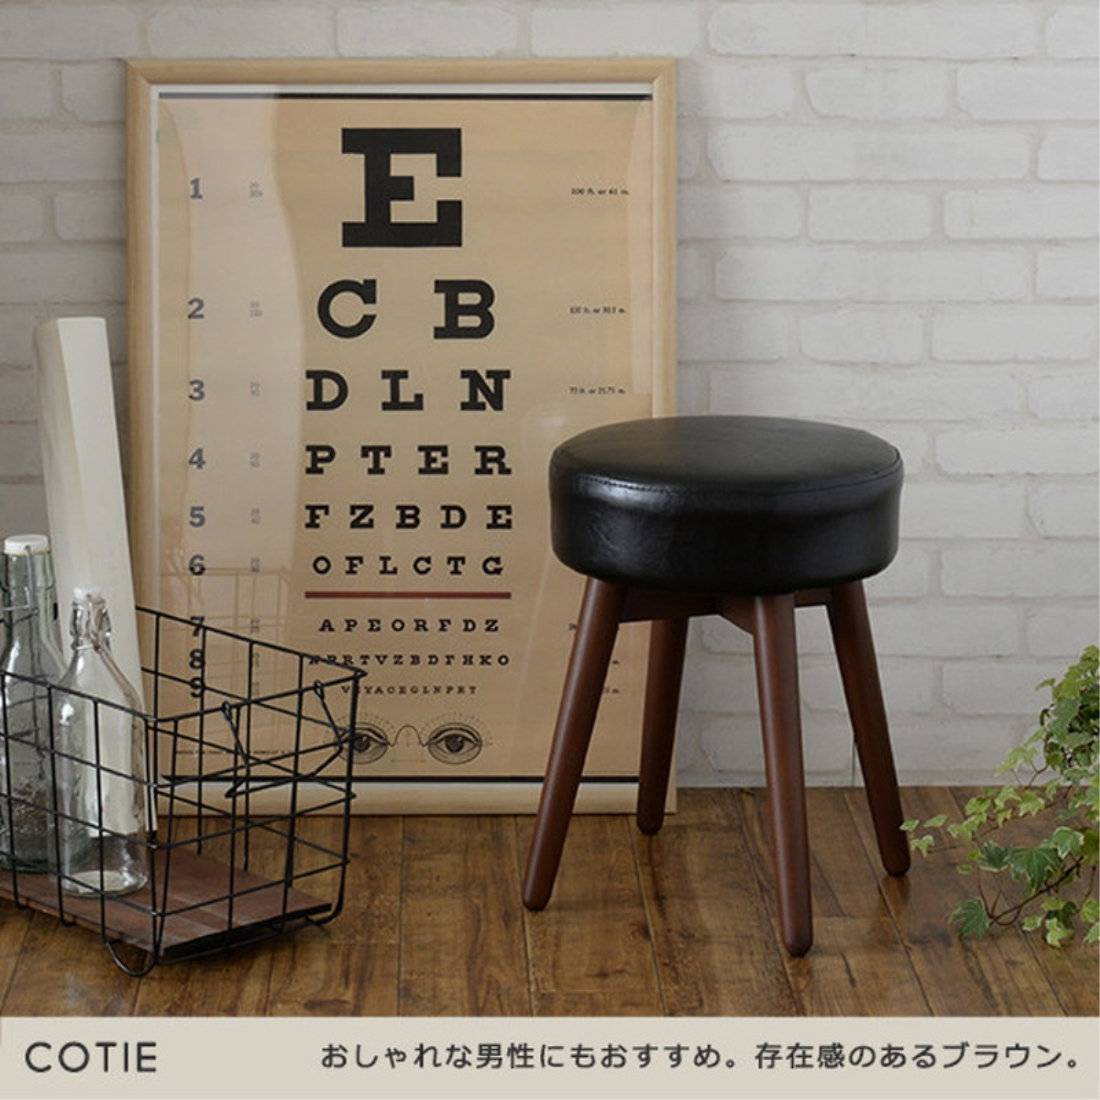 【送料無料】おしゃれ家具 スツール 丸 椅子 COTIE(コティー) 丸形スツール(Φ32.5cm) オシャレ